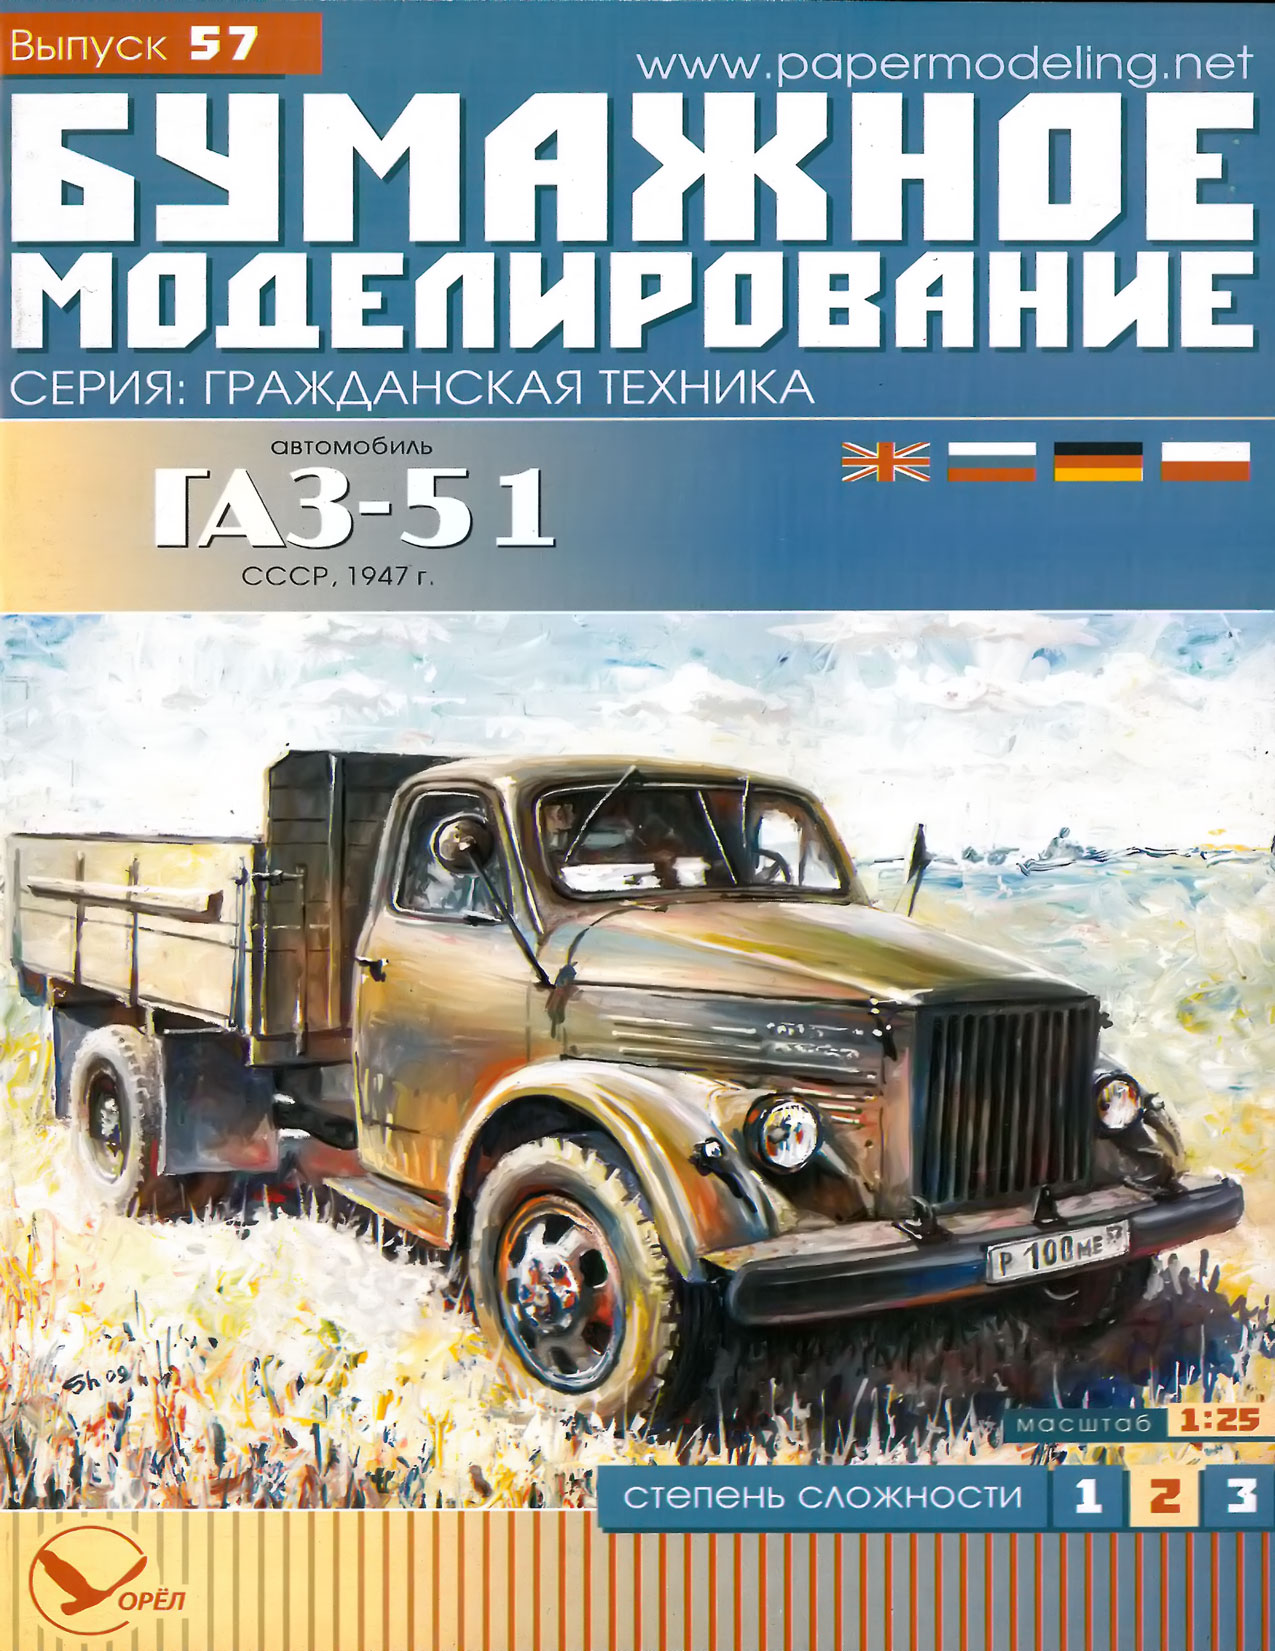 Бумажная модель автомобиля ГАЗ-51